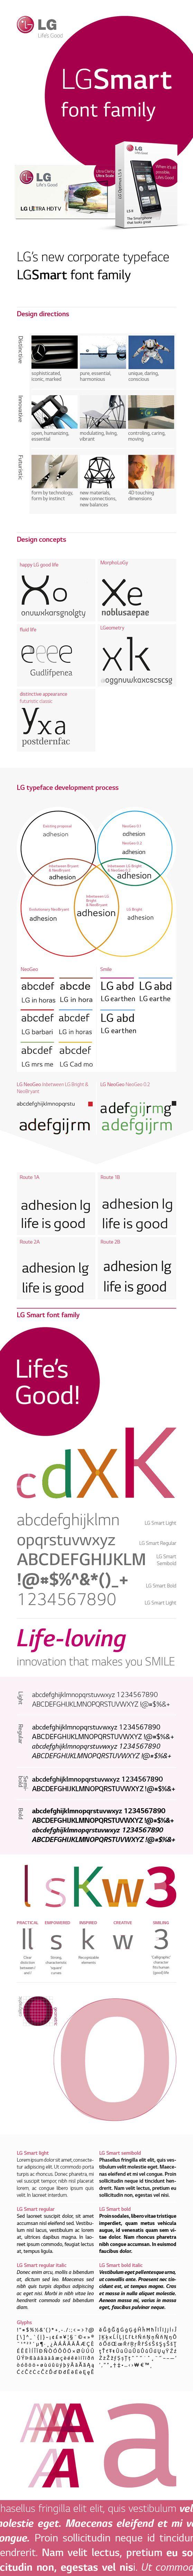 Typografie lettertype LG